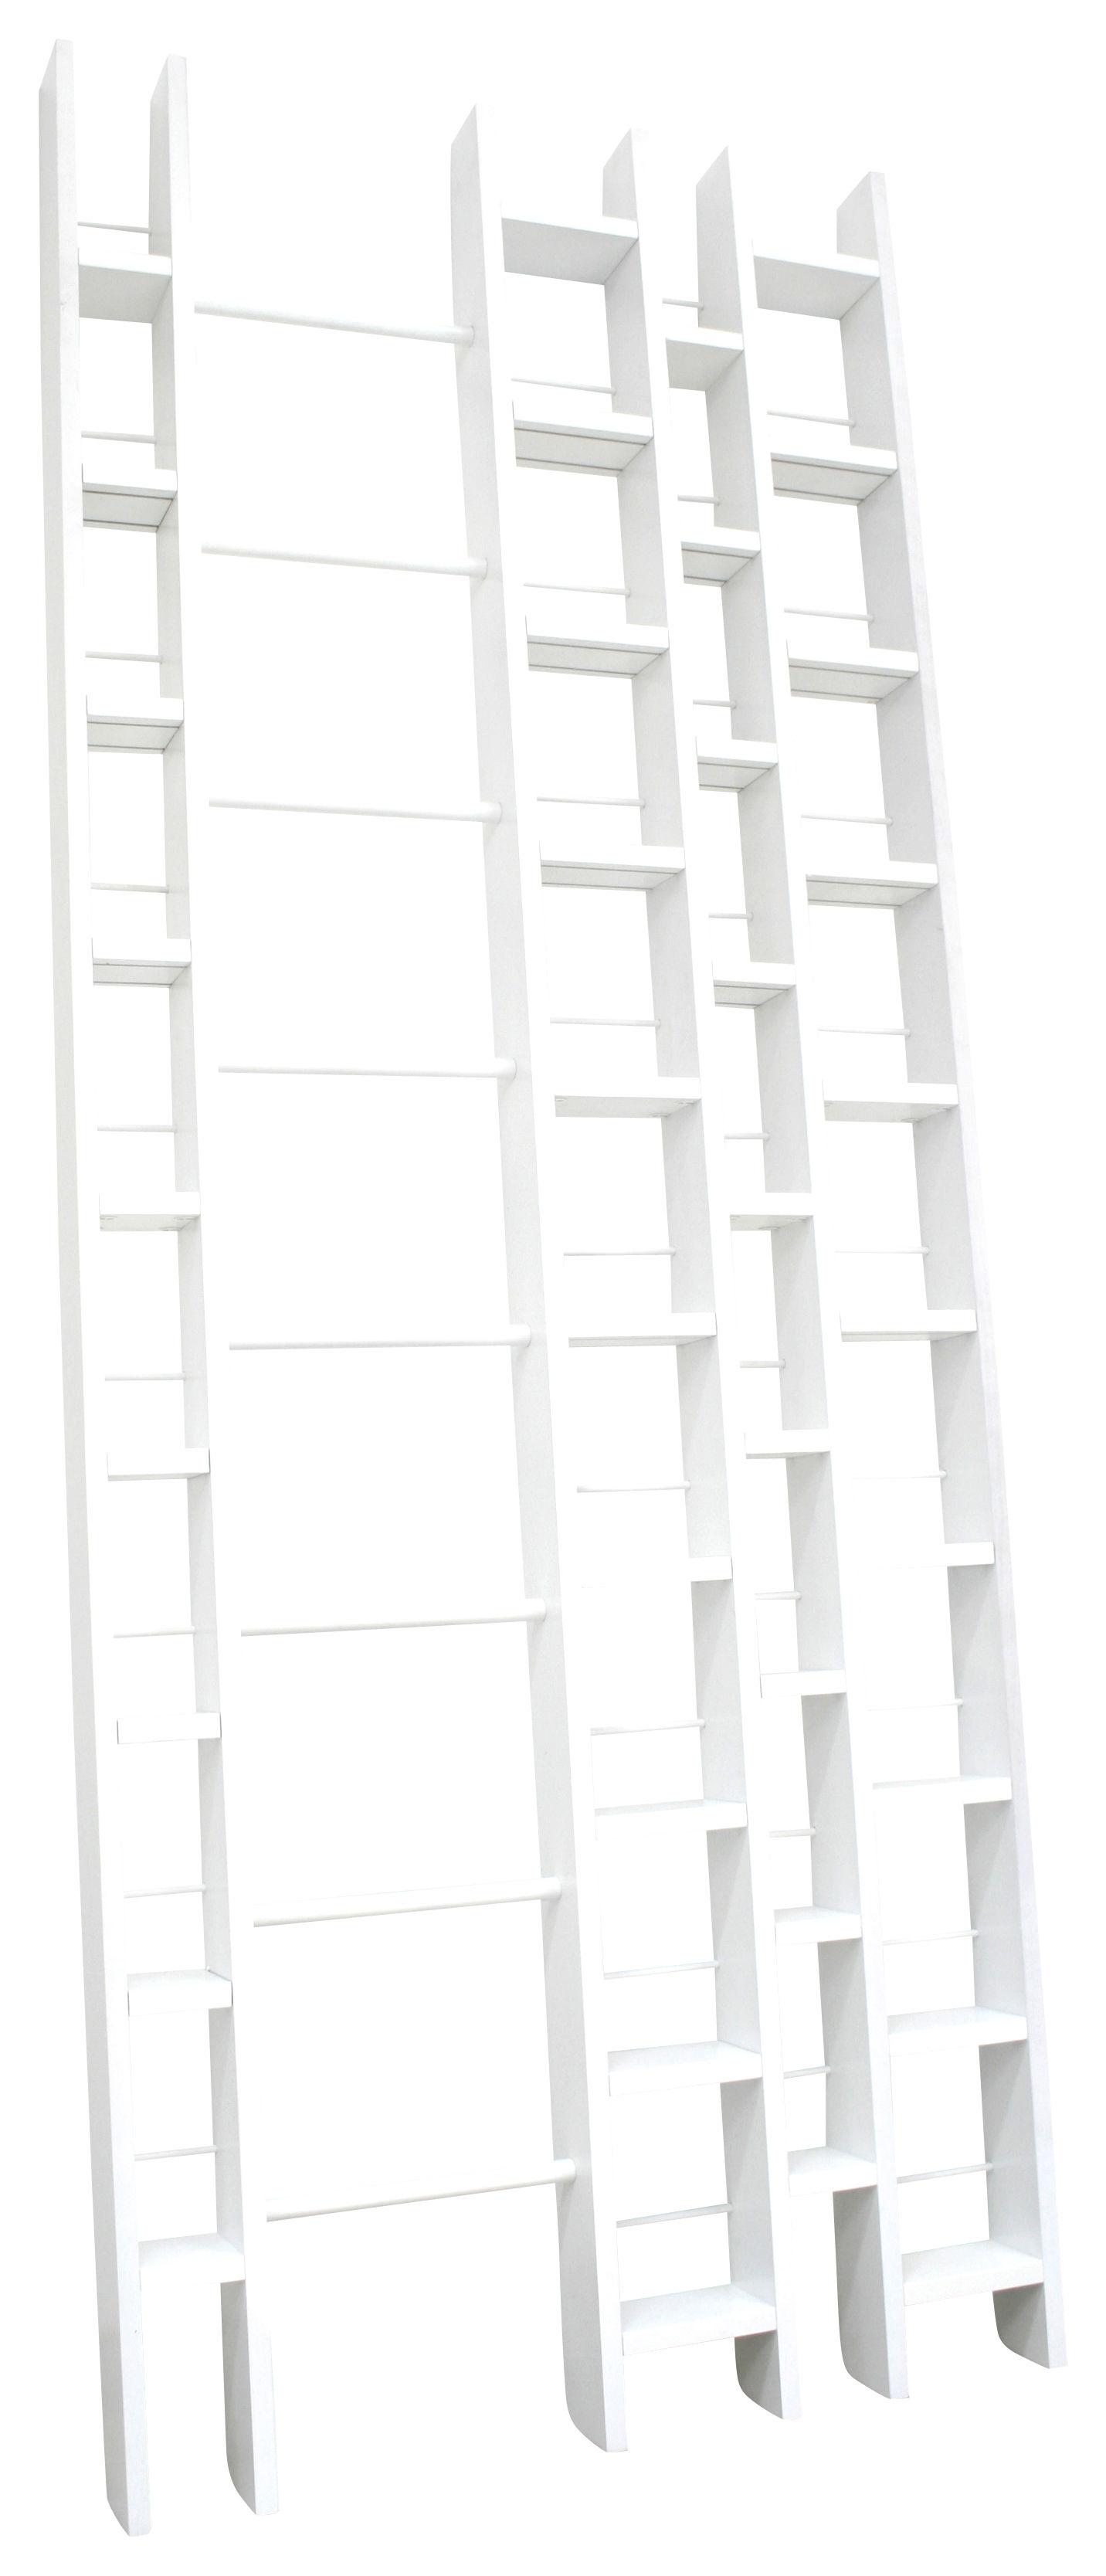 Arredamento - Scaffali e librerie - Libreria Hô + - Larghezza 96 cm di La Corbeille - Bianco - Faggio massello laccato